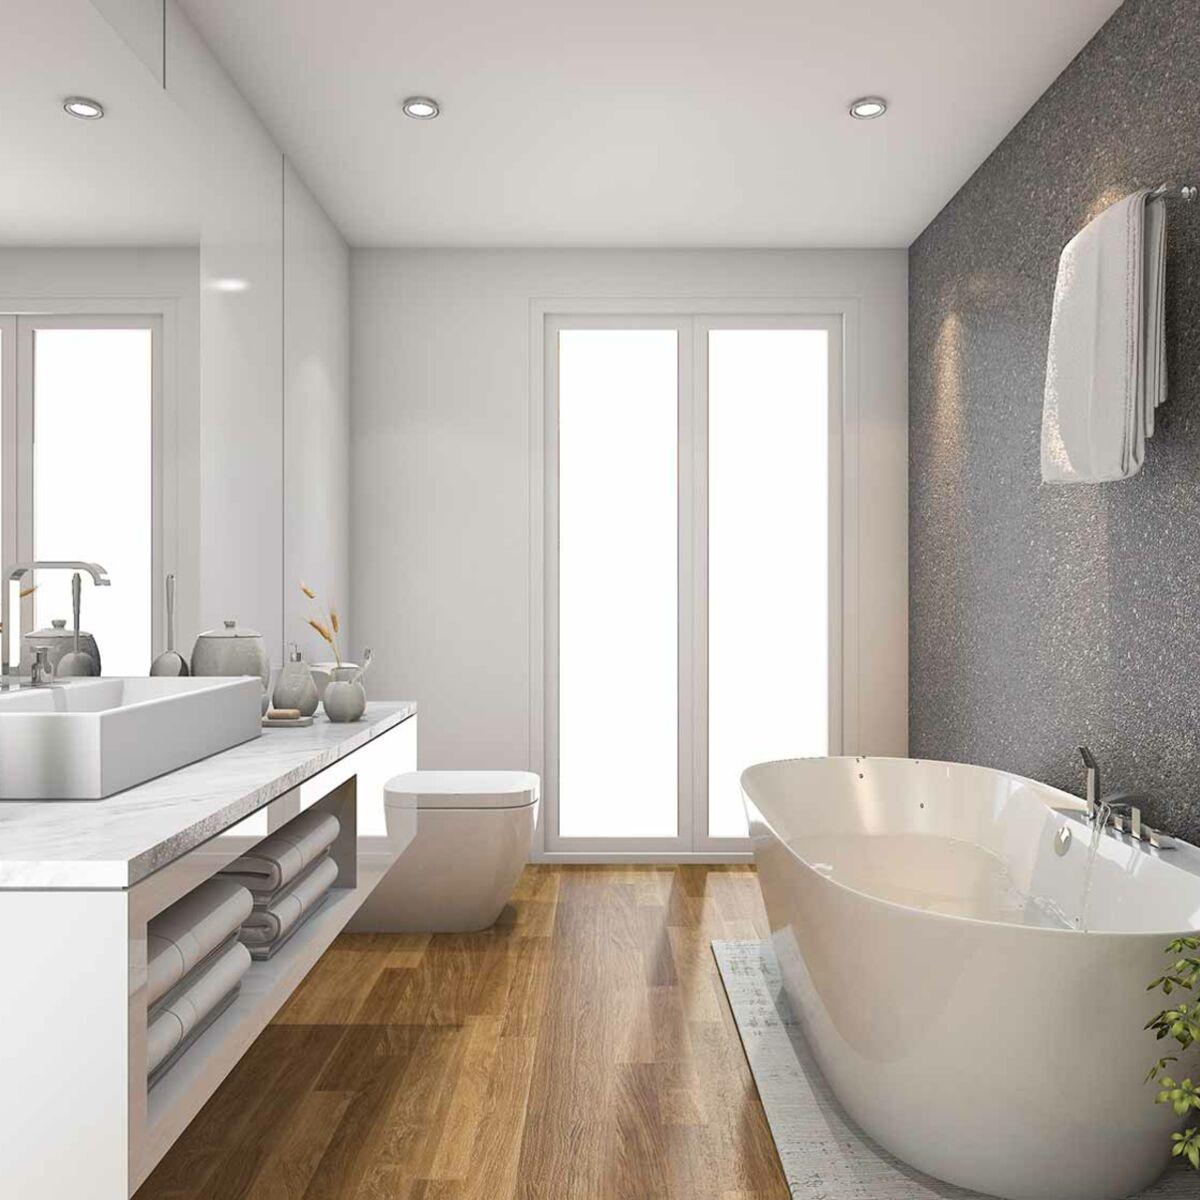 Rénovation de salle de bains : comment s